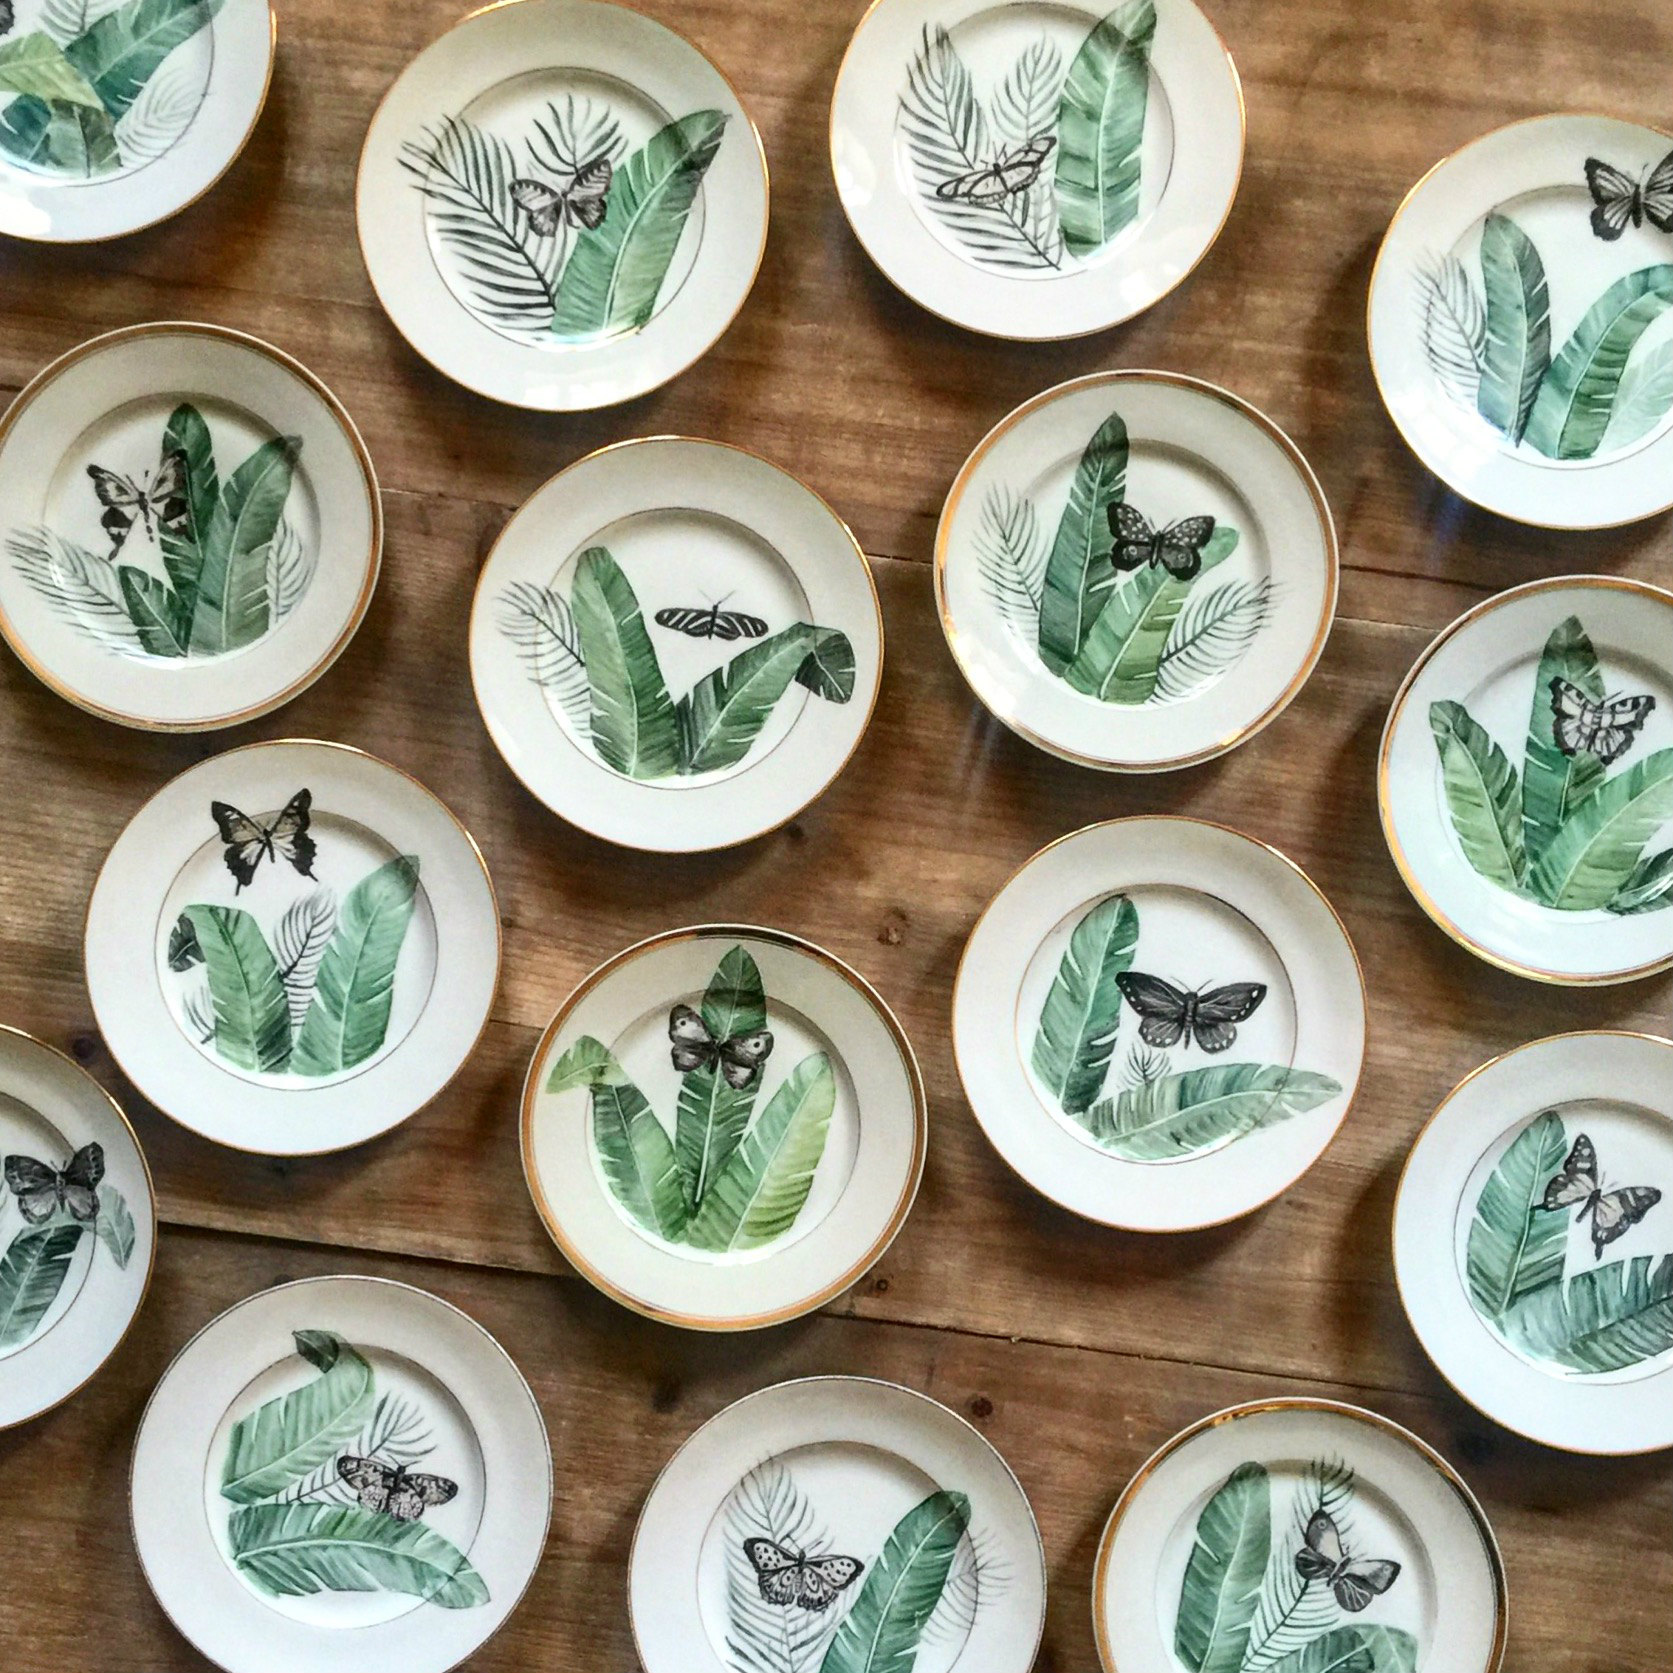 Regalos de 10 nuevos artesanos for Platos de ceramica